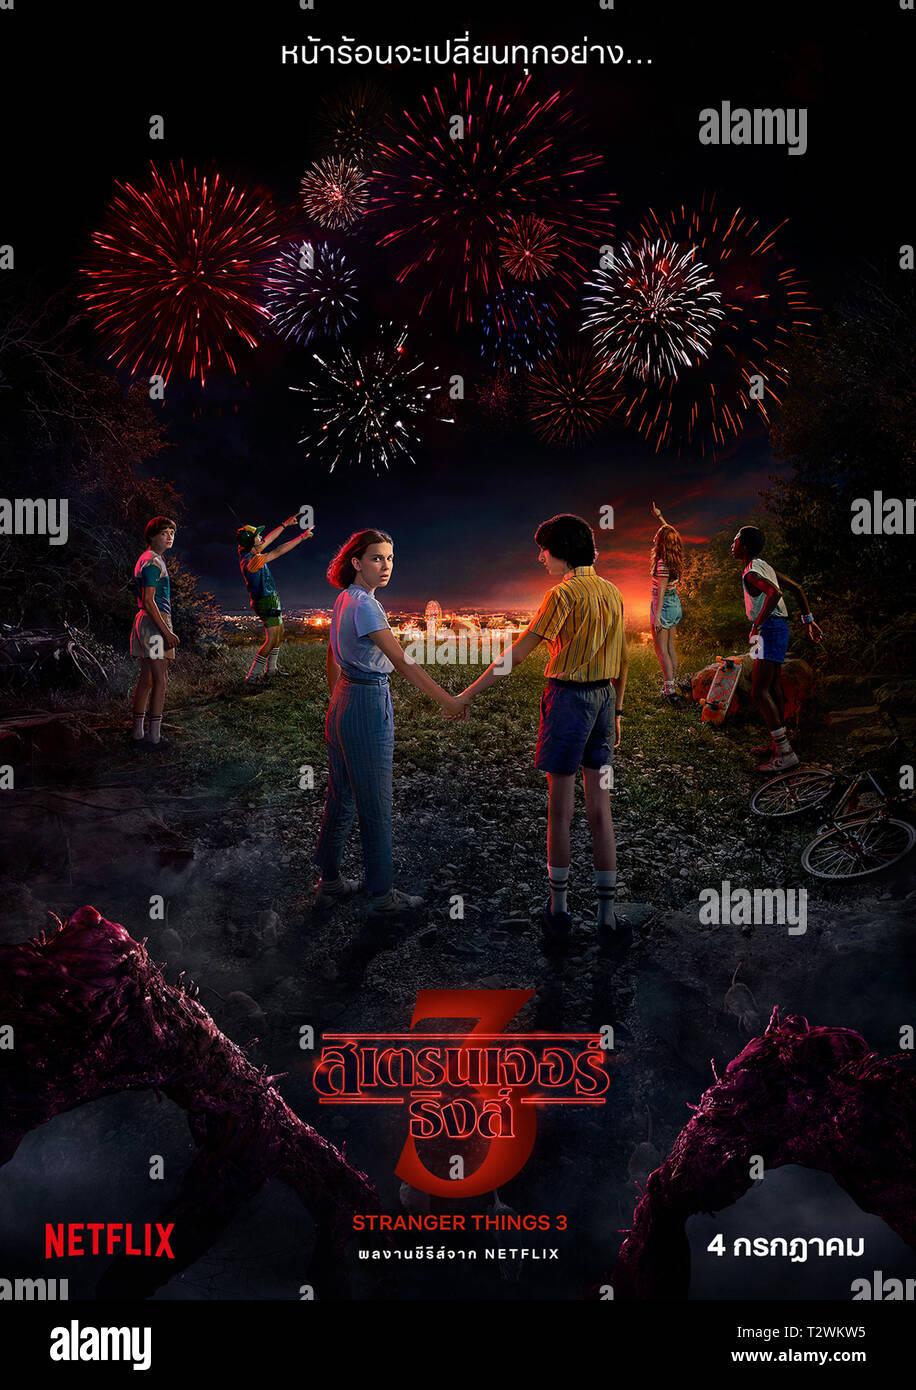 STRANGER THINGS 2016- serie TV creee par Matt Duffer et Ross Duffer affiche thailandaise de la saison 3 Prod DB © Netflix - 21 Laps Entertainment / DR - Stock Image